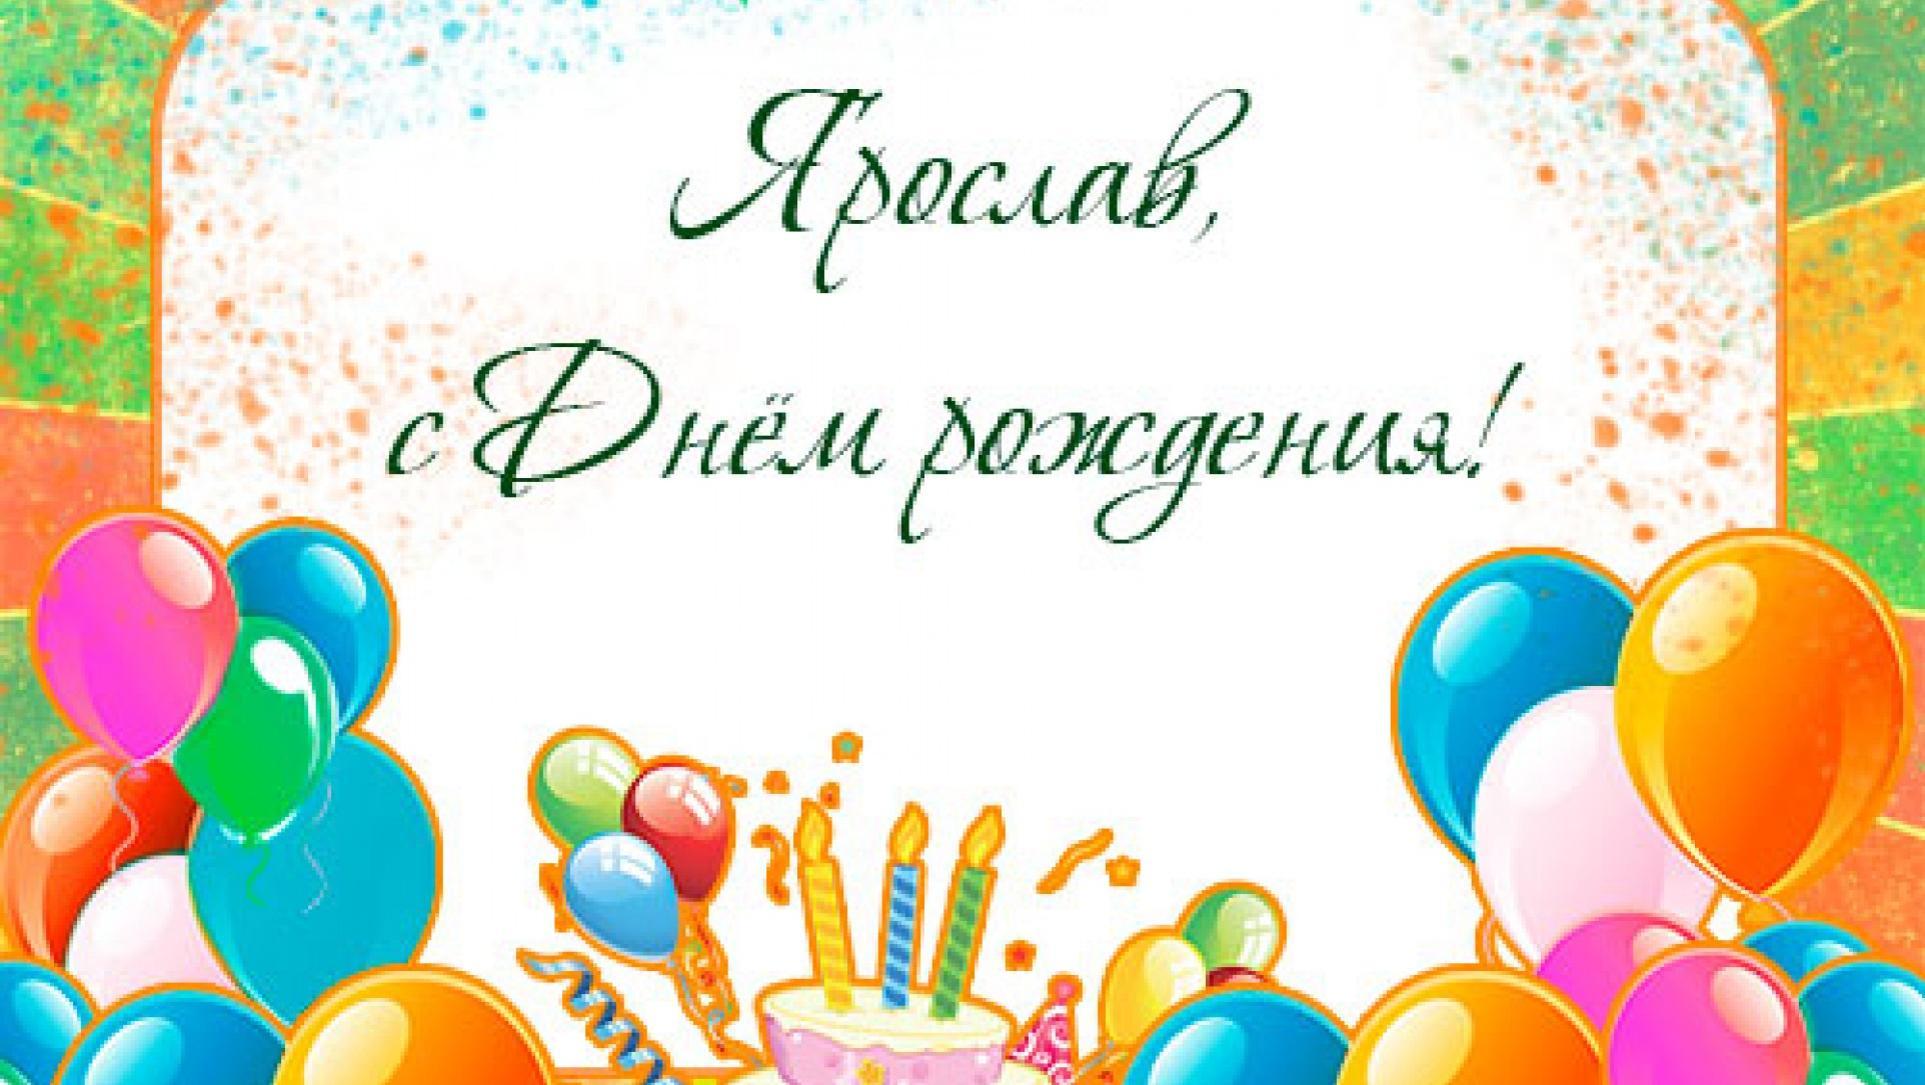 Открытка с днем рождения Ярослава скачать бесплатно 29